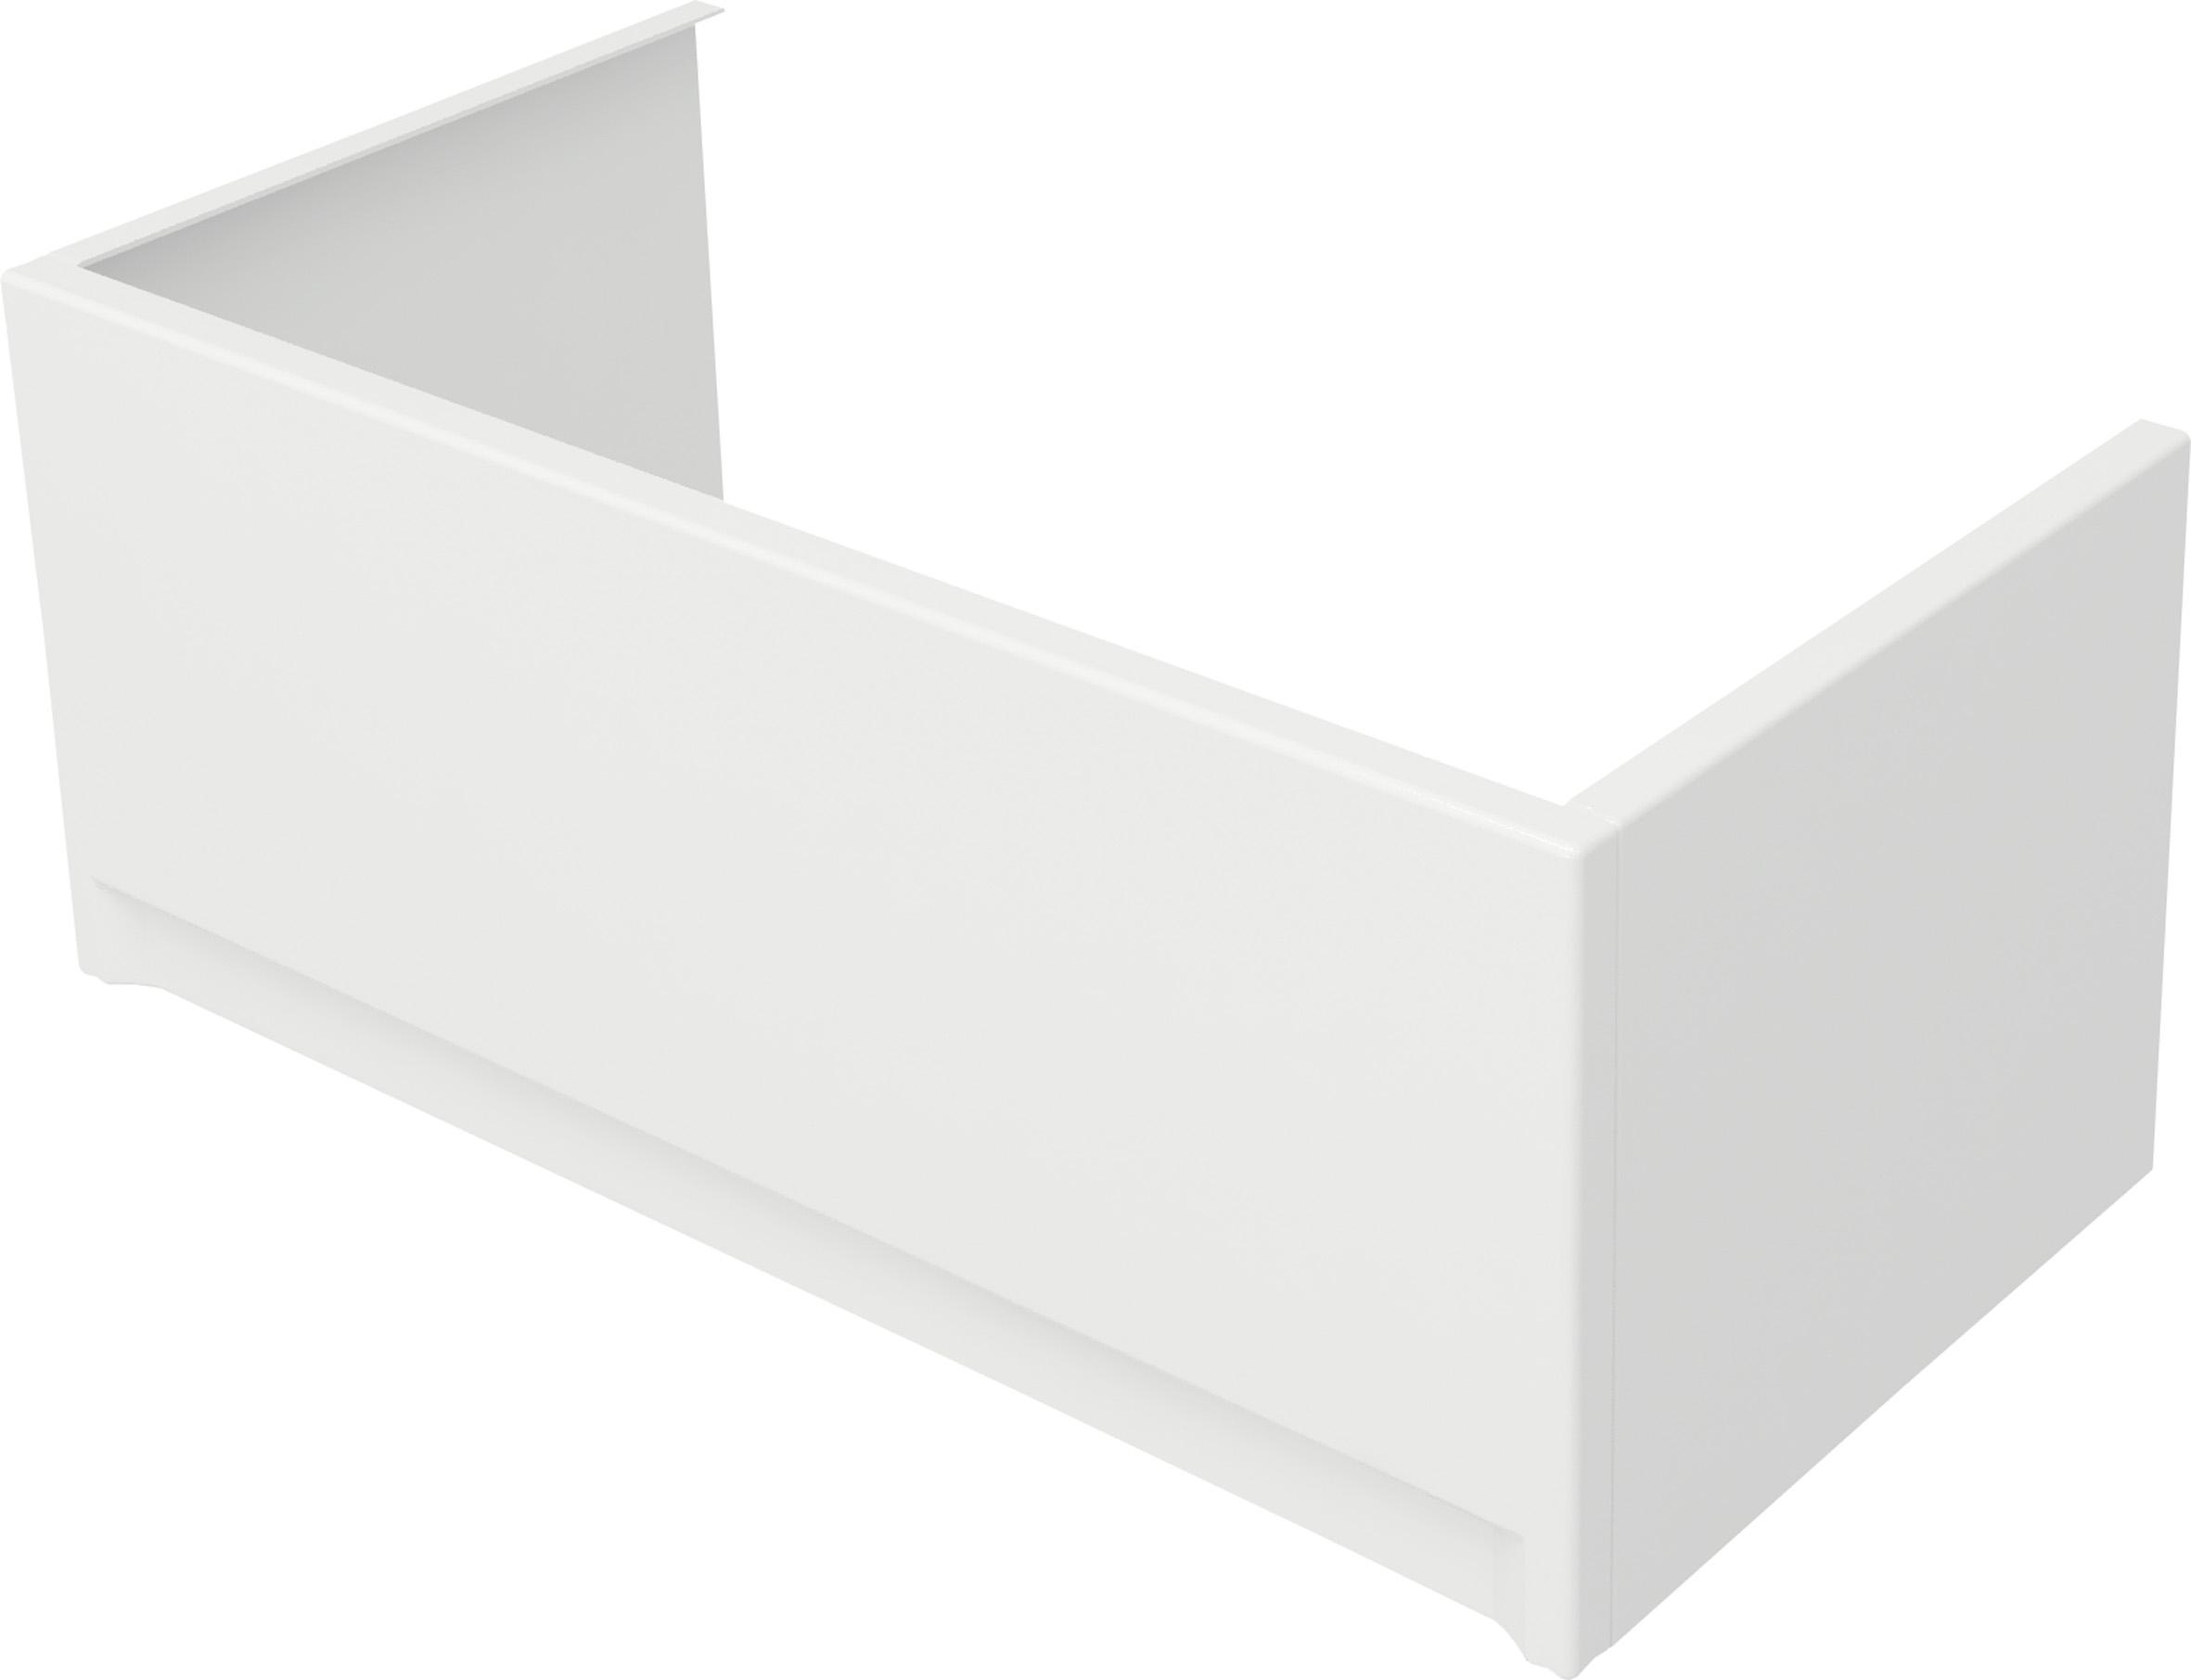 Панель для ванны Loerna/Flawia/Octavia 170 S401-069